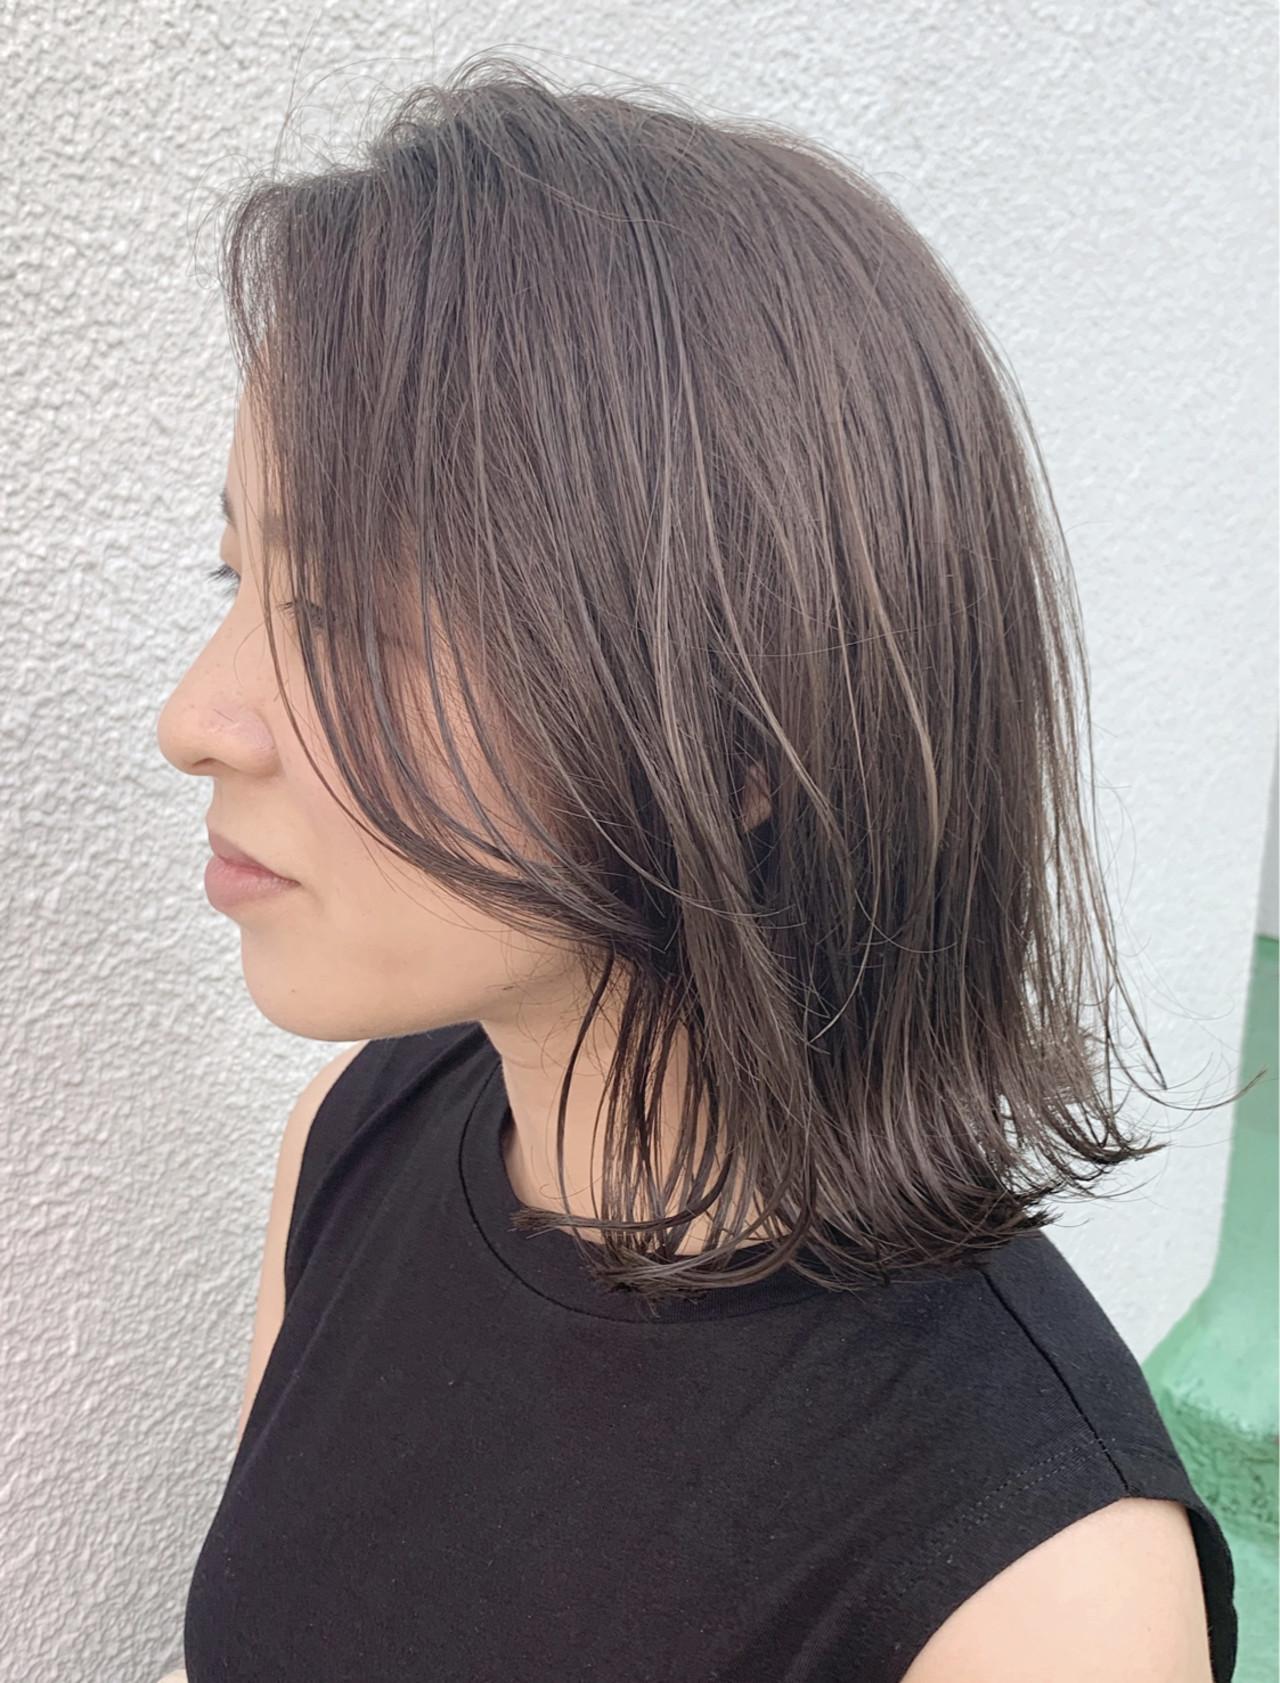 ナチュラル 大人ハイライト ハイライト 透明感カラーヘアスタイルや髪型の写真・画像